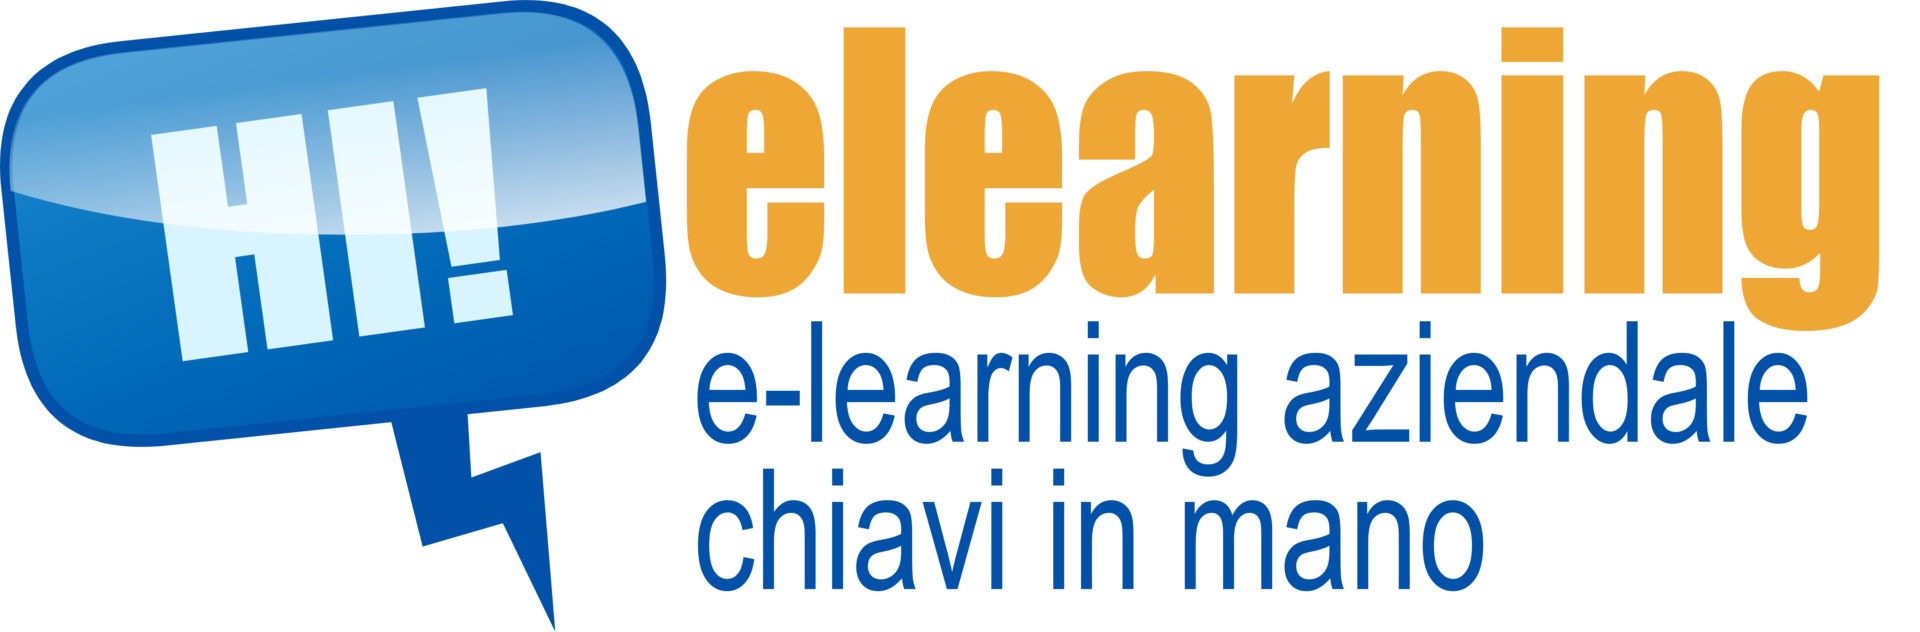 Consulenza E-Learning – installazione configurazione piattaforme e-learning